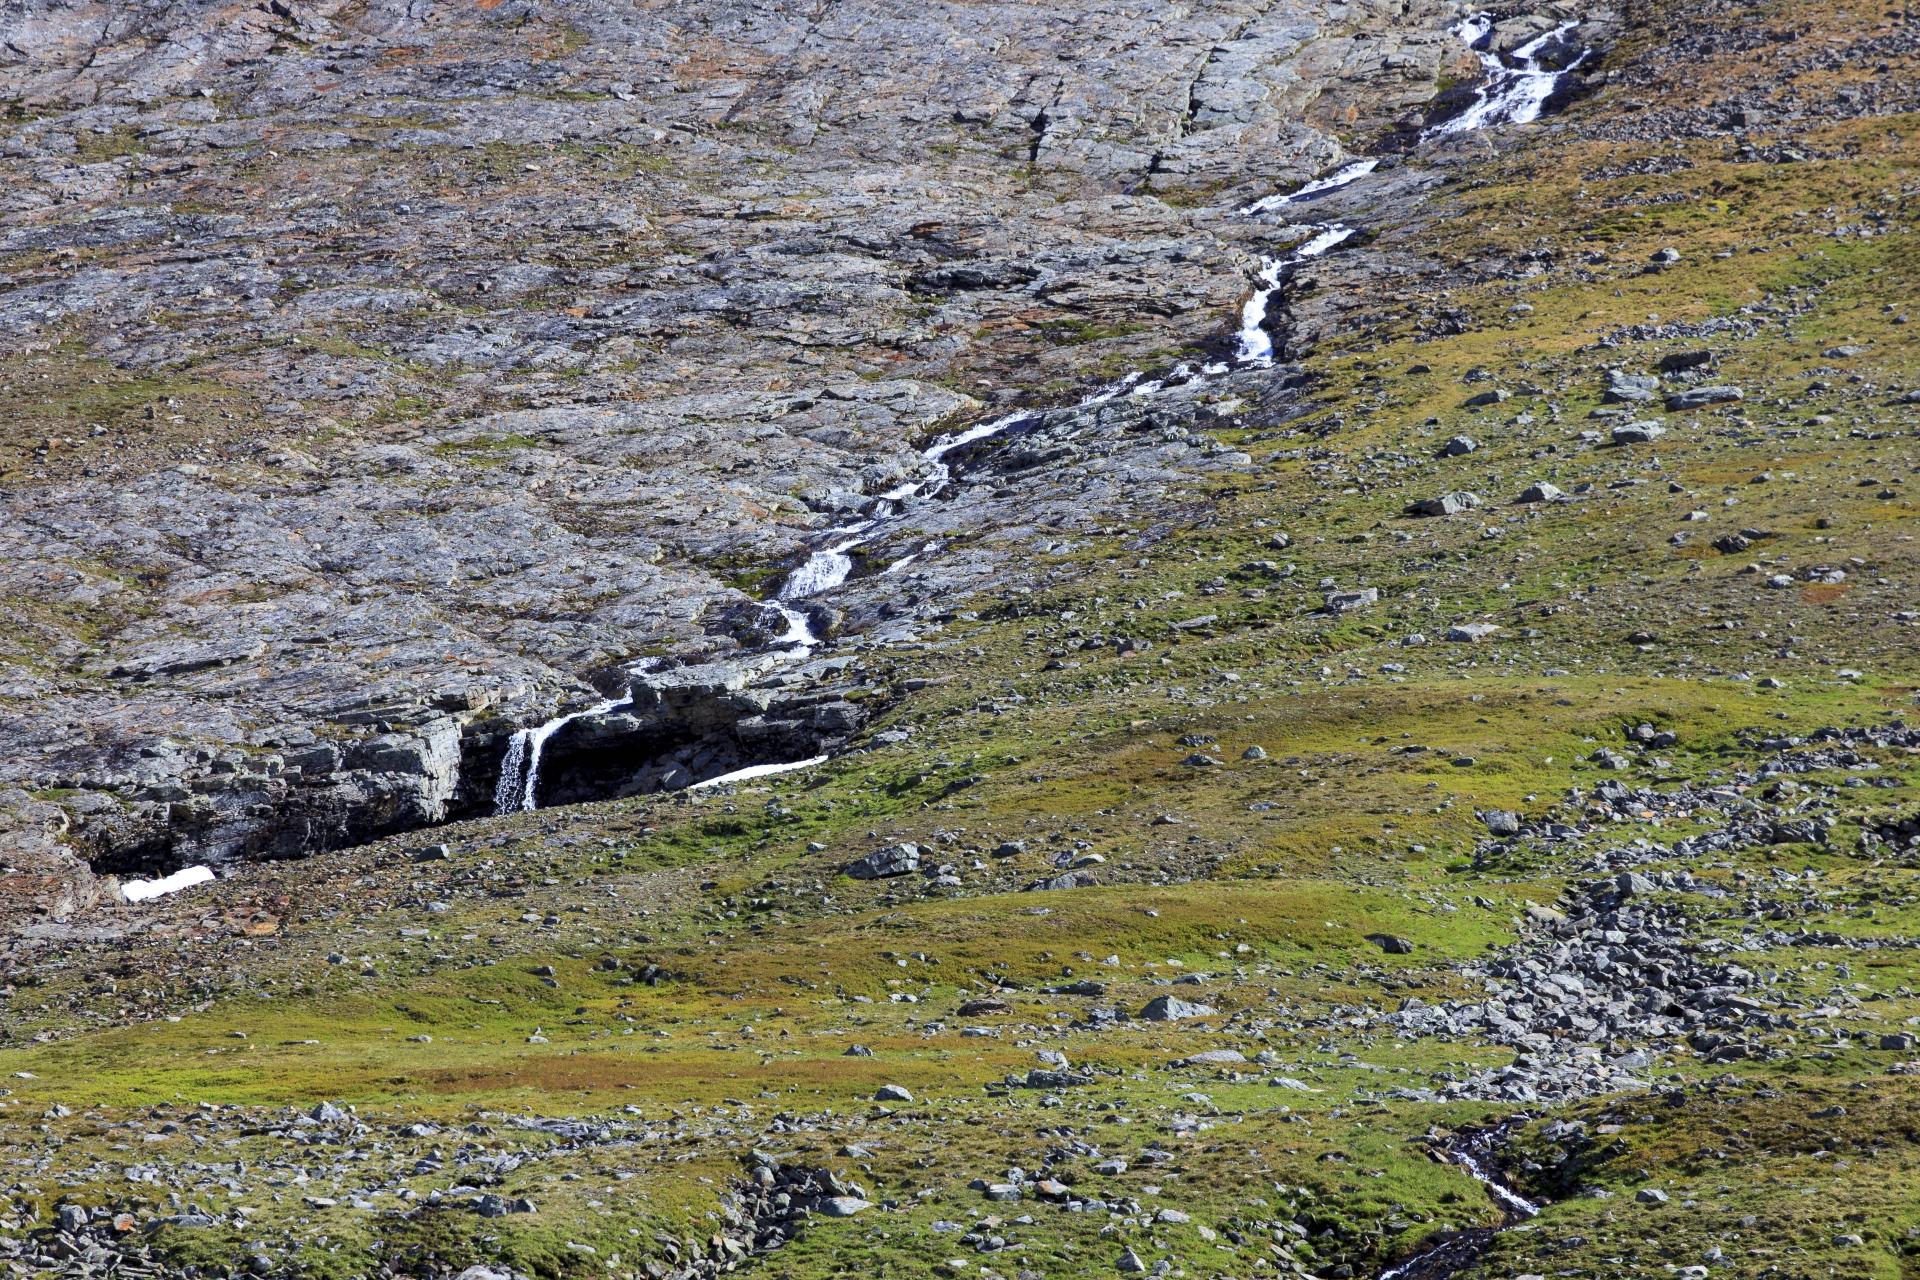 Einer von unzähligen kleinen Wasserfällen, die in den Tjäktajåkka münden